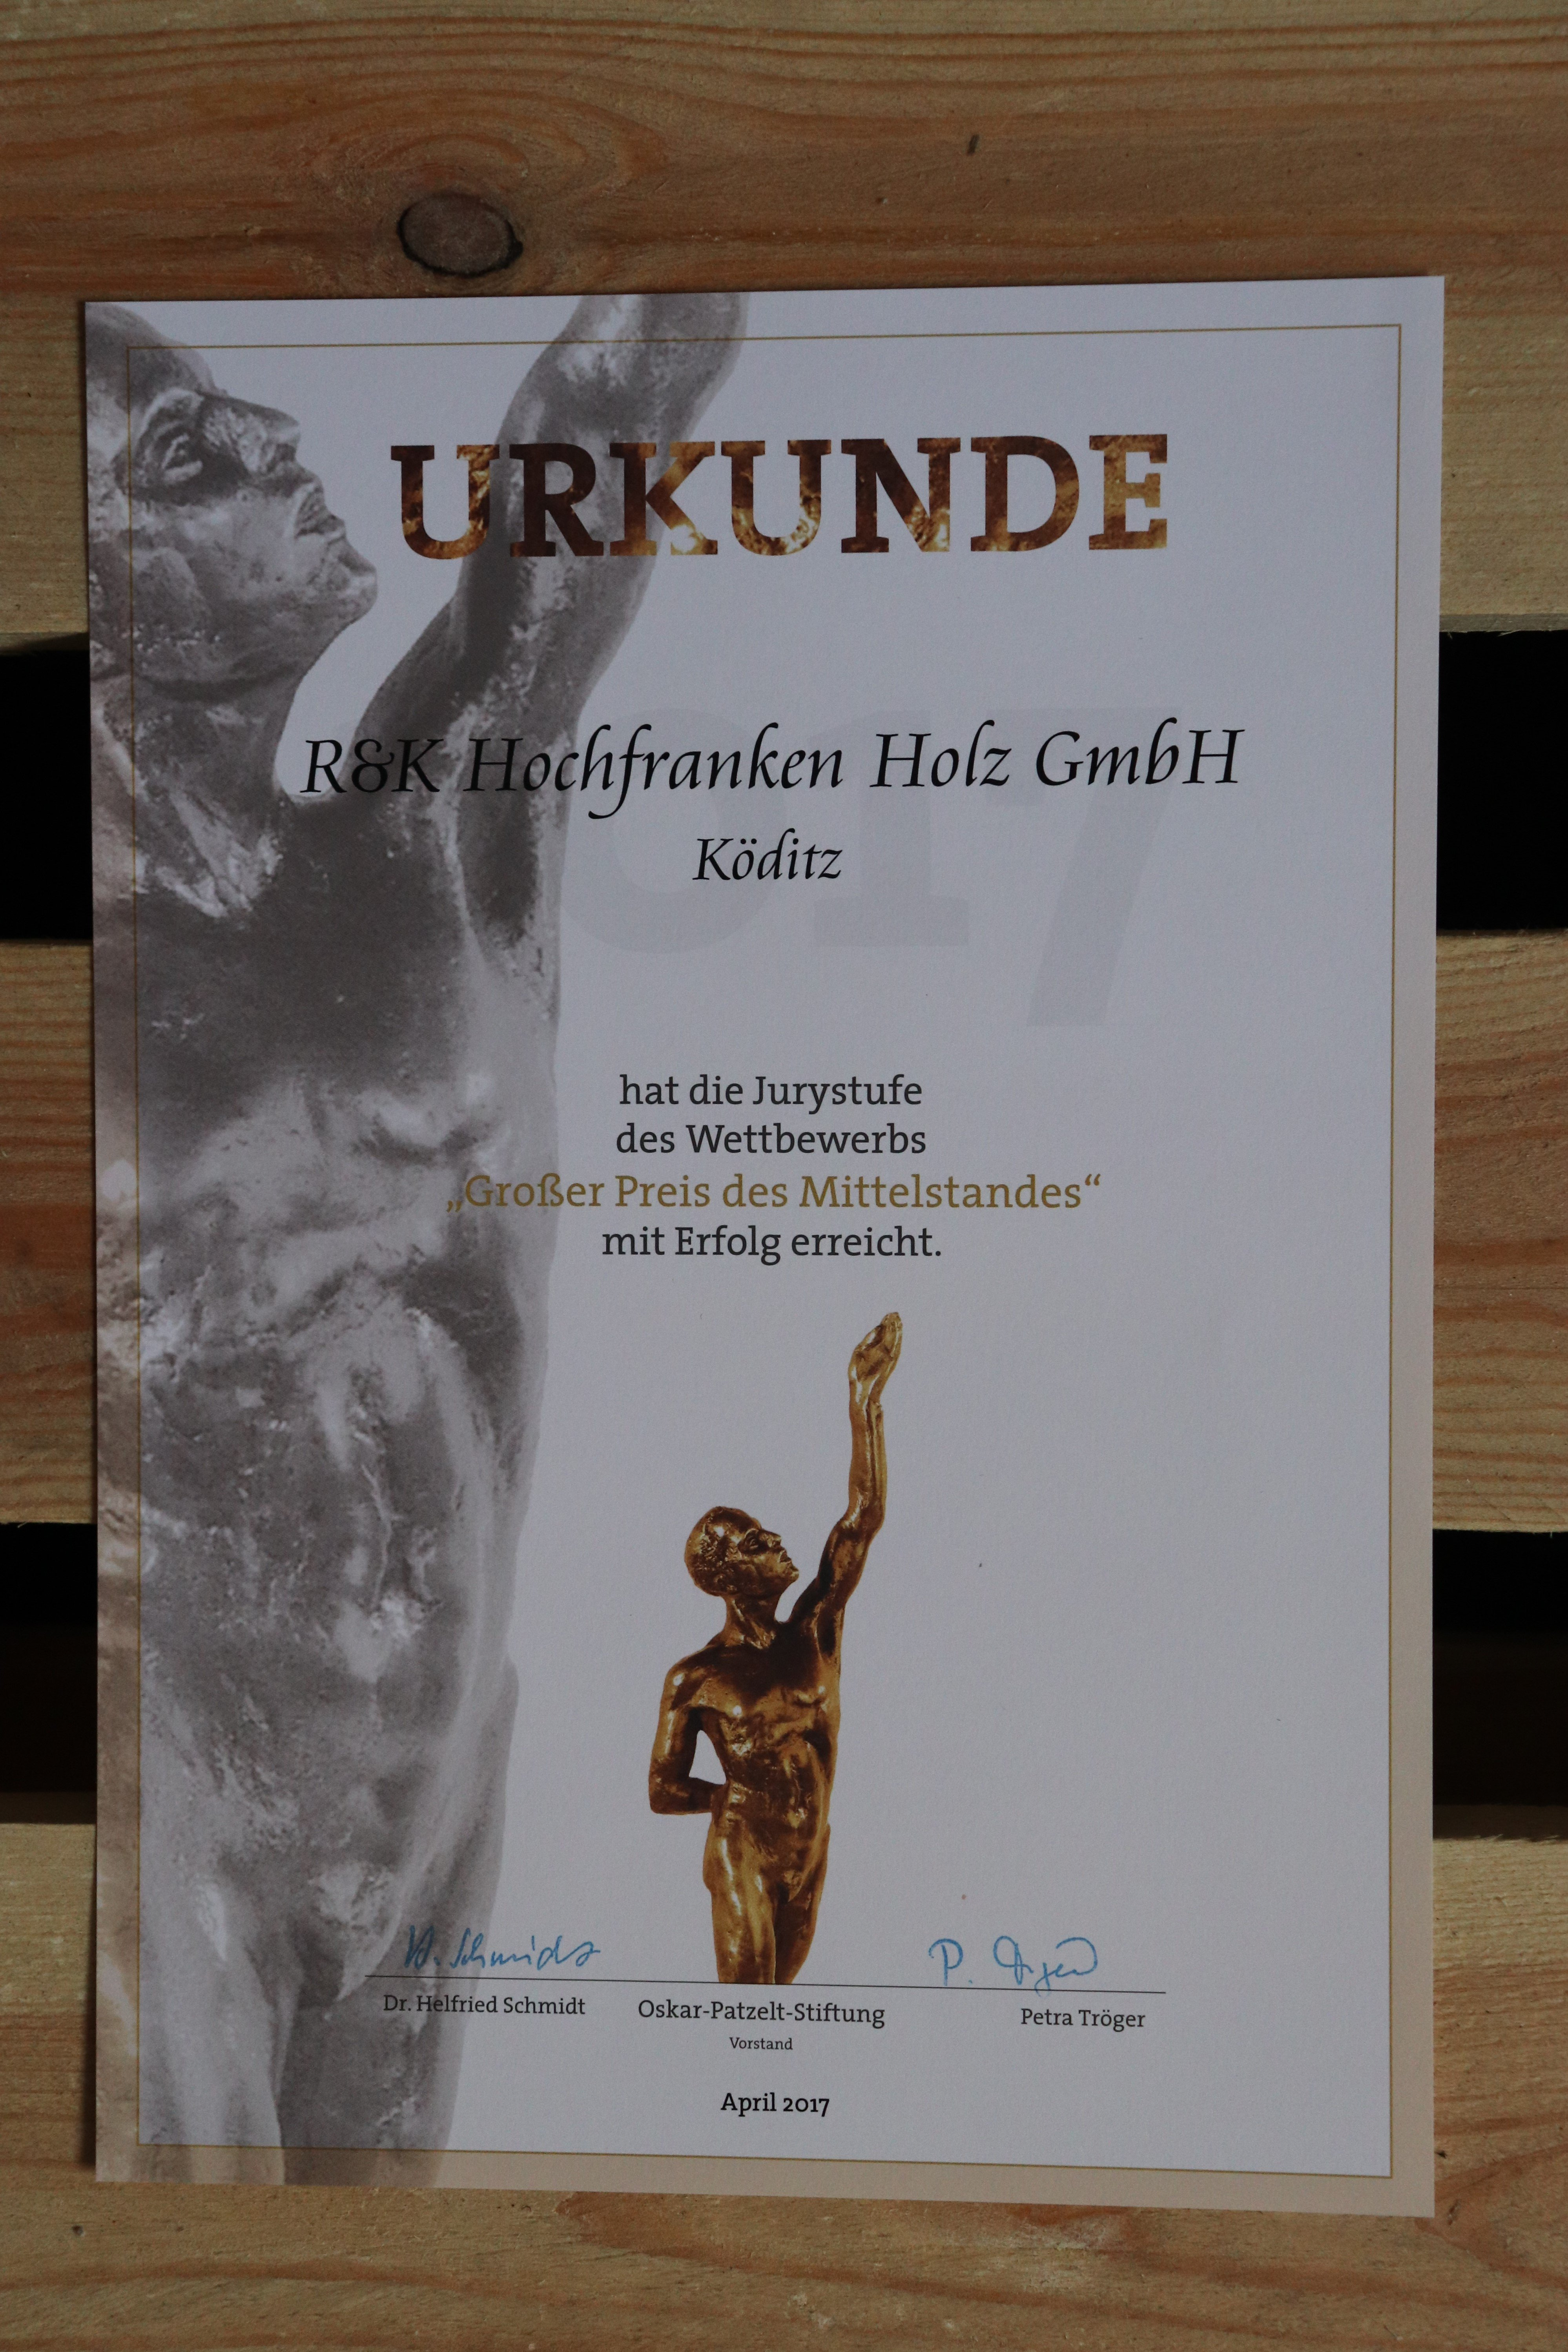 Jurystufe des großen Preis Mittelstand erreicht 4